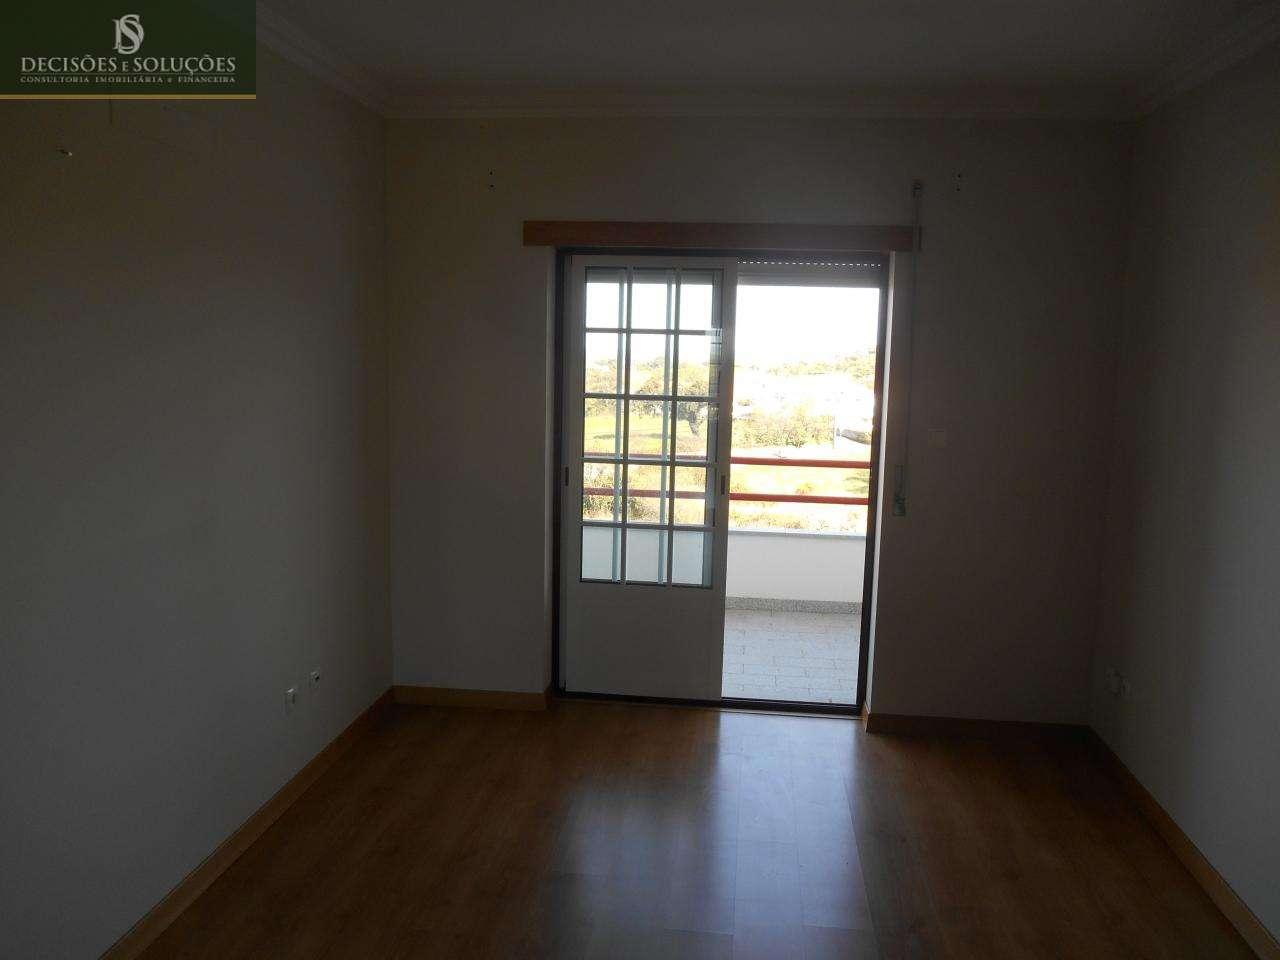 Apartamento para comprar, Zebreira e Segura, Castelo Branco - Foto 11